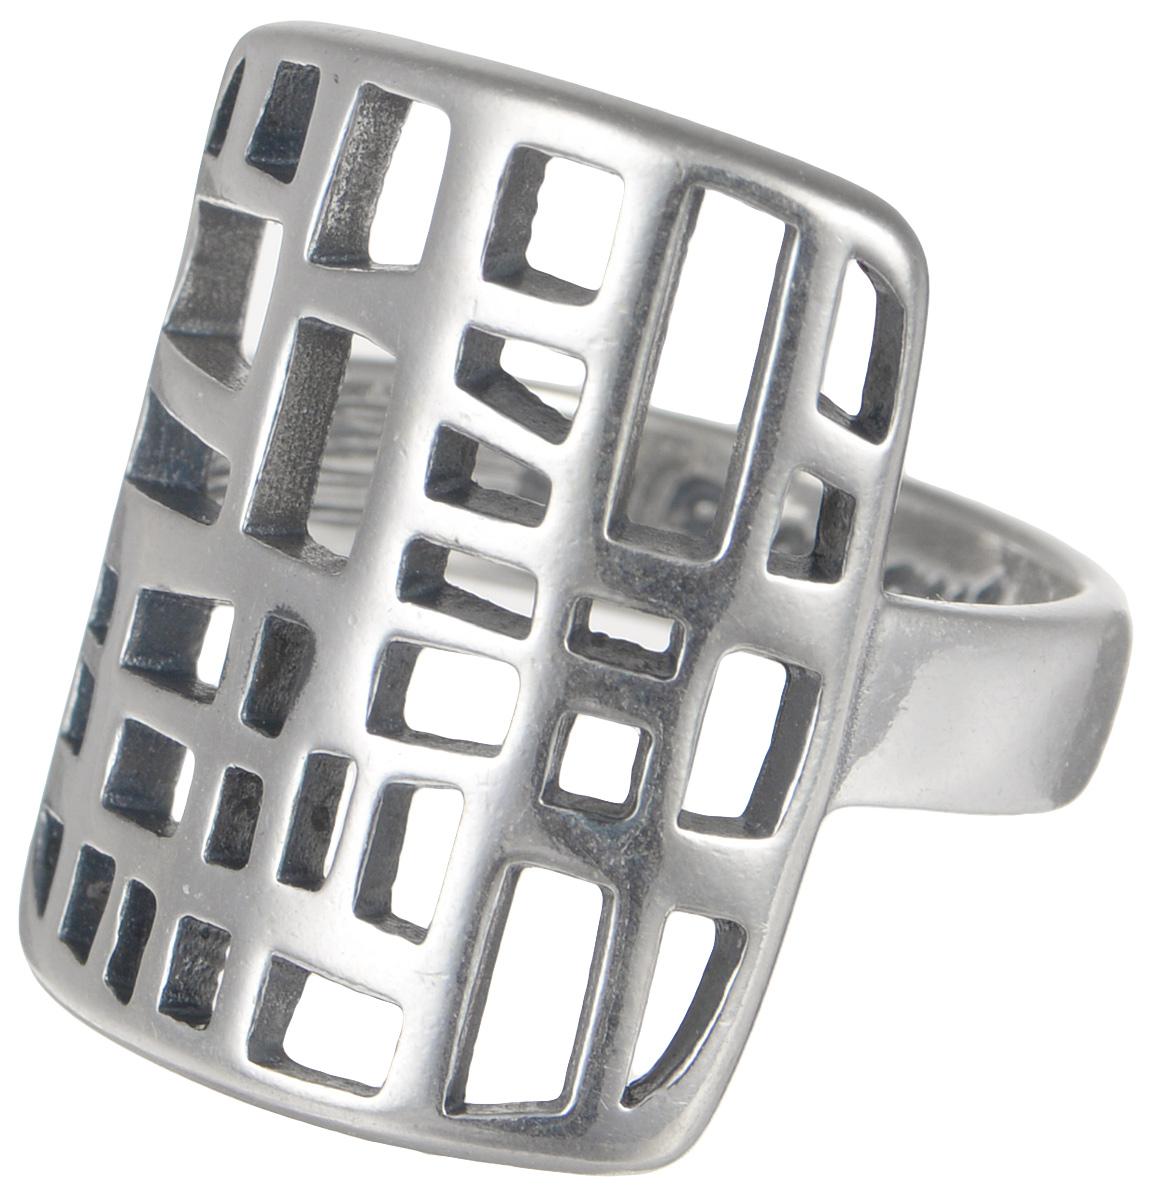 Кольцо Jenavi Витраж. Портинда, цвет: серебряный. k4283090. Размер 16k4283090Элегантное кольцо Jenavi Витраж. Портинда изготовлено из качественного металла с покрытием из черненого серебра. Декоративная часть изделия выполнена в оригинальном дизайне. Внутренняя сторона изделия дополнена гравировкой в виде названия бренда. Такое стильное кольцо идеально дополнит ваш образ и подчеркнет вашу индивидуальность.